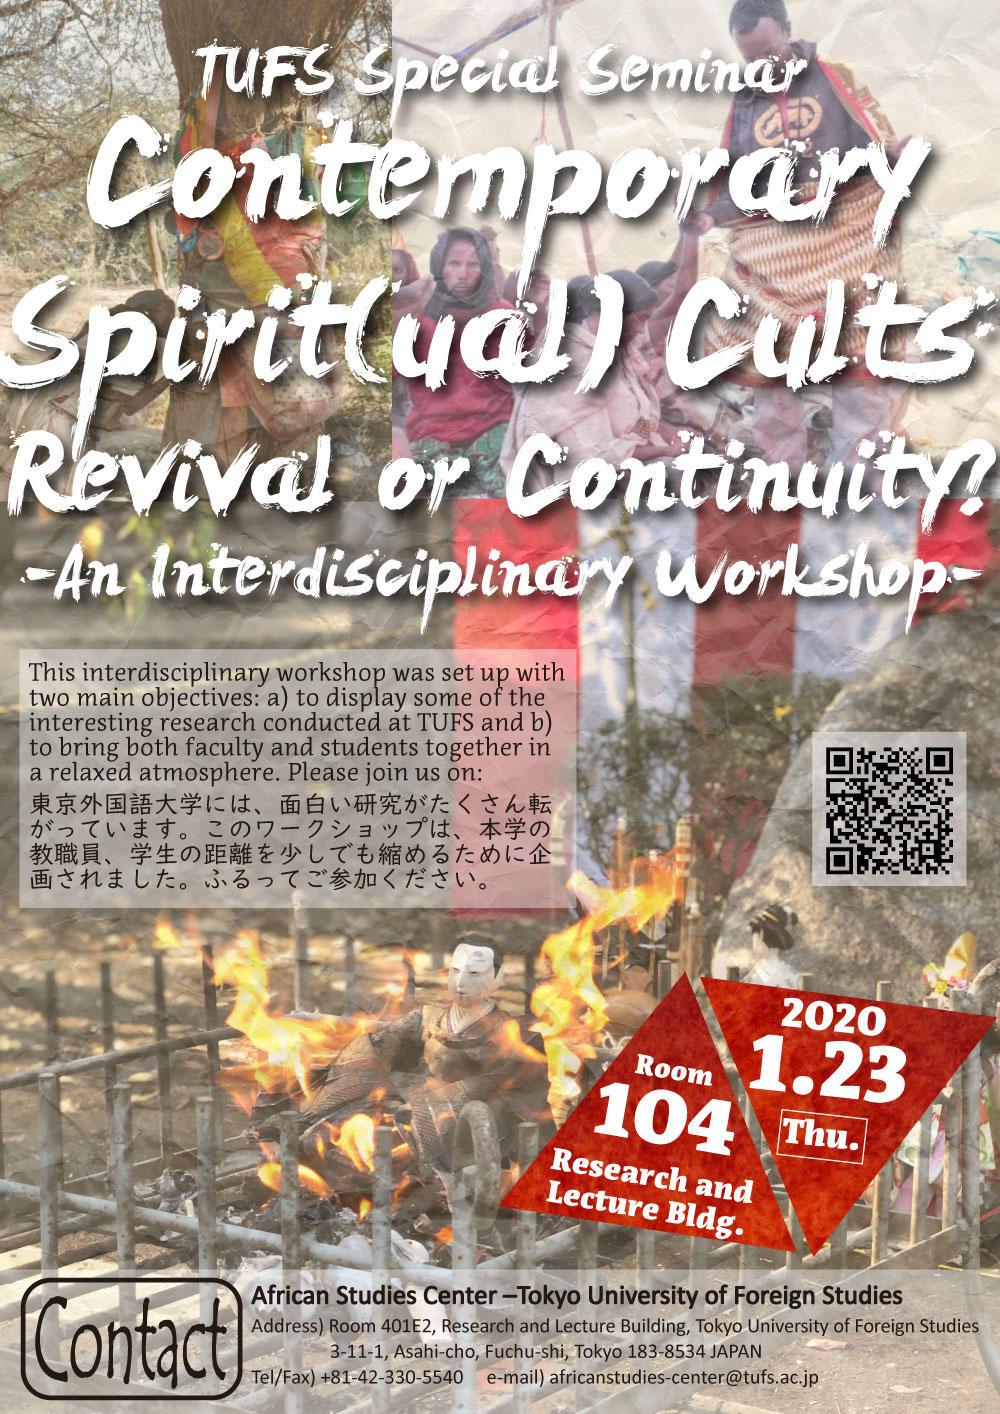 儀礼や精霊についてのワークショップを行います